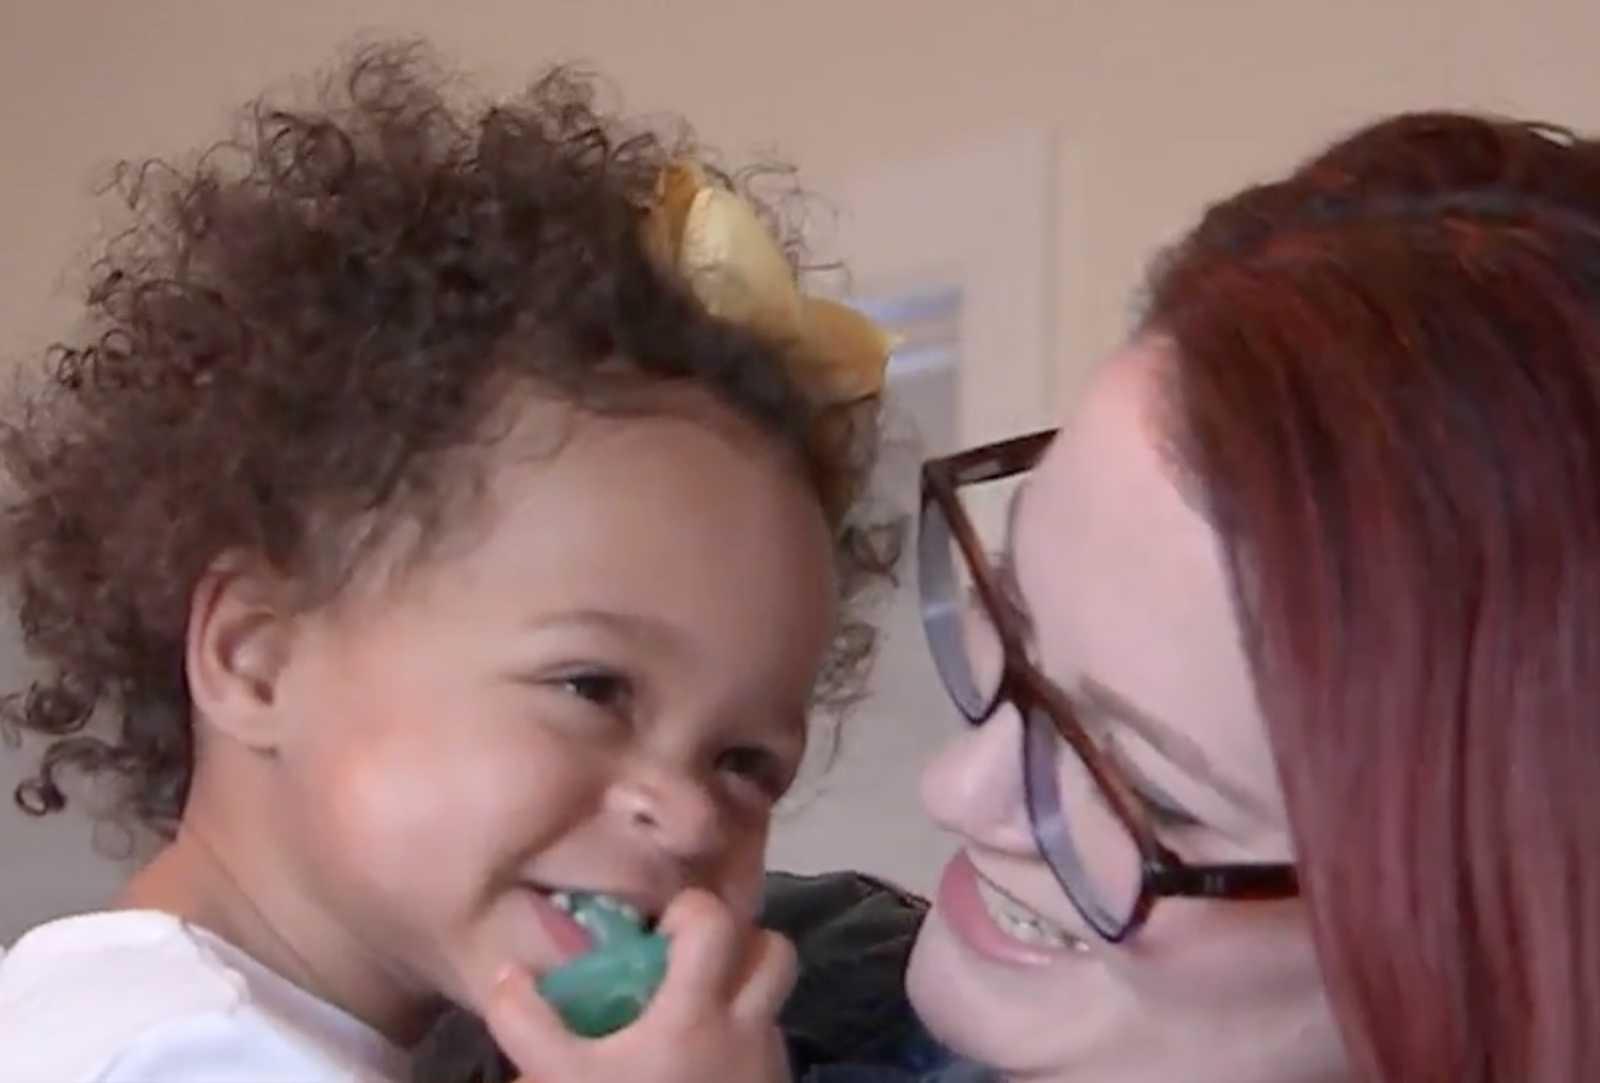 Enfermeira salva vida de bebê que sofreu maus tratos, descobre que ela tem irmã gêmea e adota as duas 3